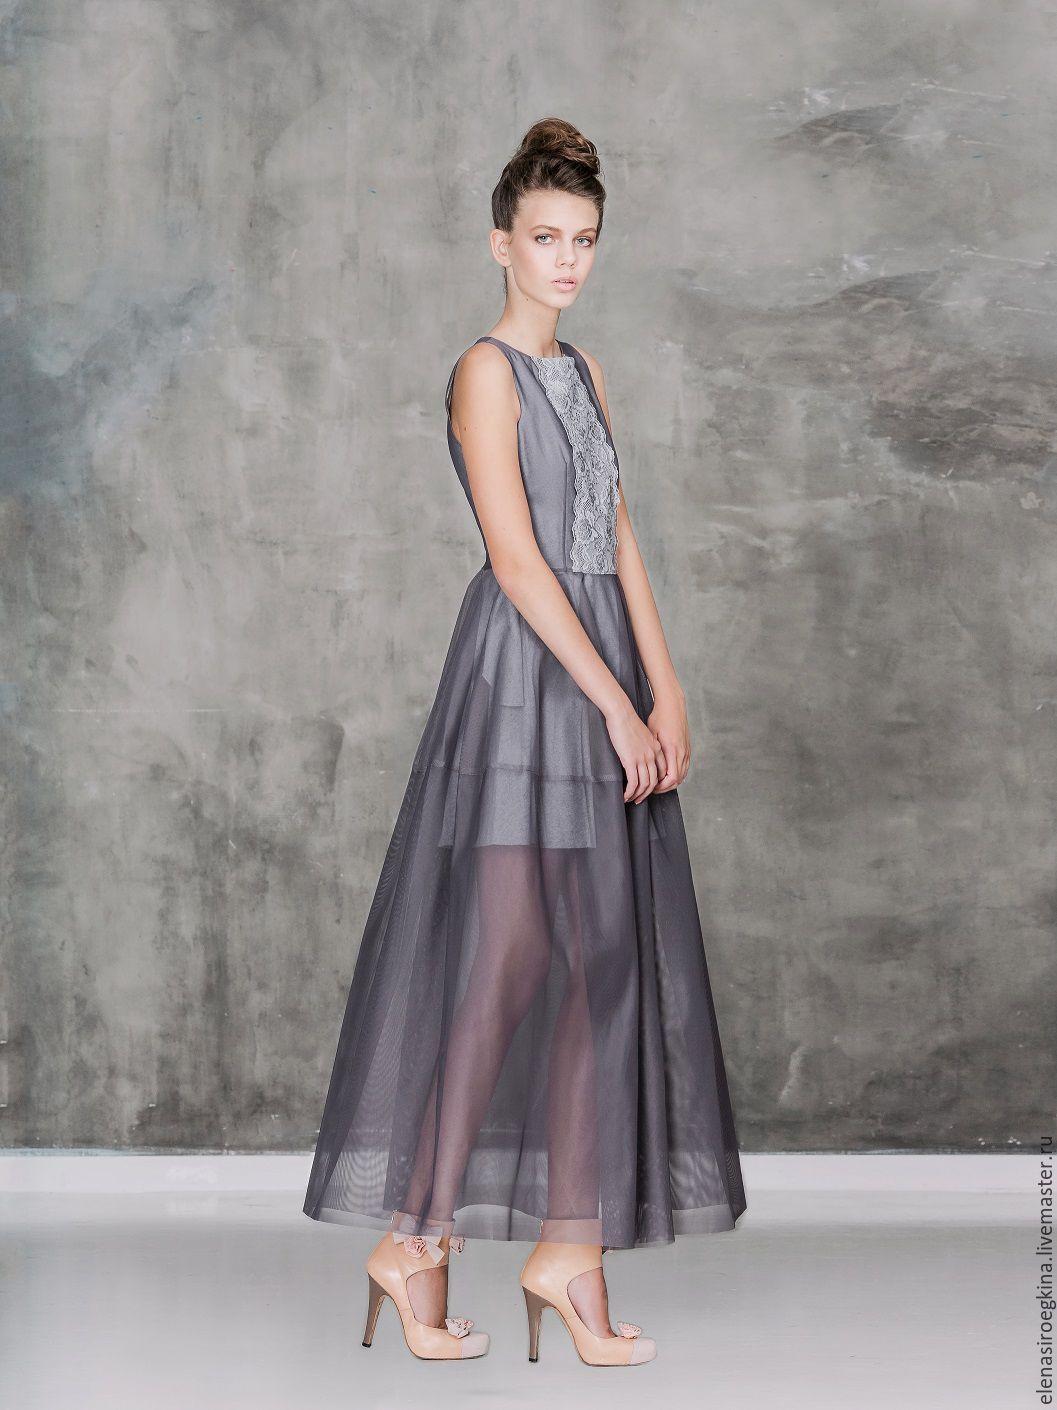 b58efaf9a0e Купить или заказать Платье из итальянского кружева и сетки в интернет- магазине на Ярмарке Мастеров